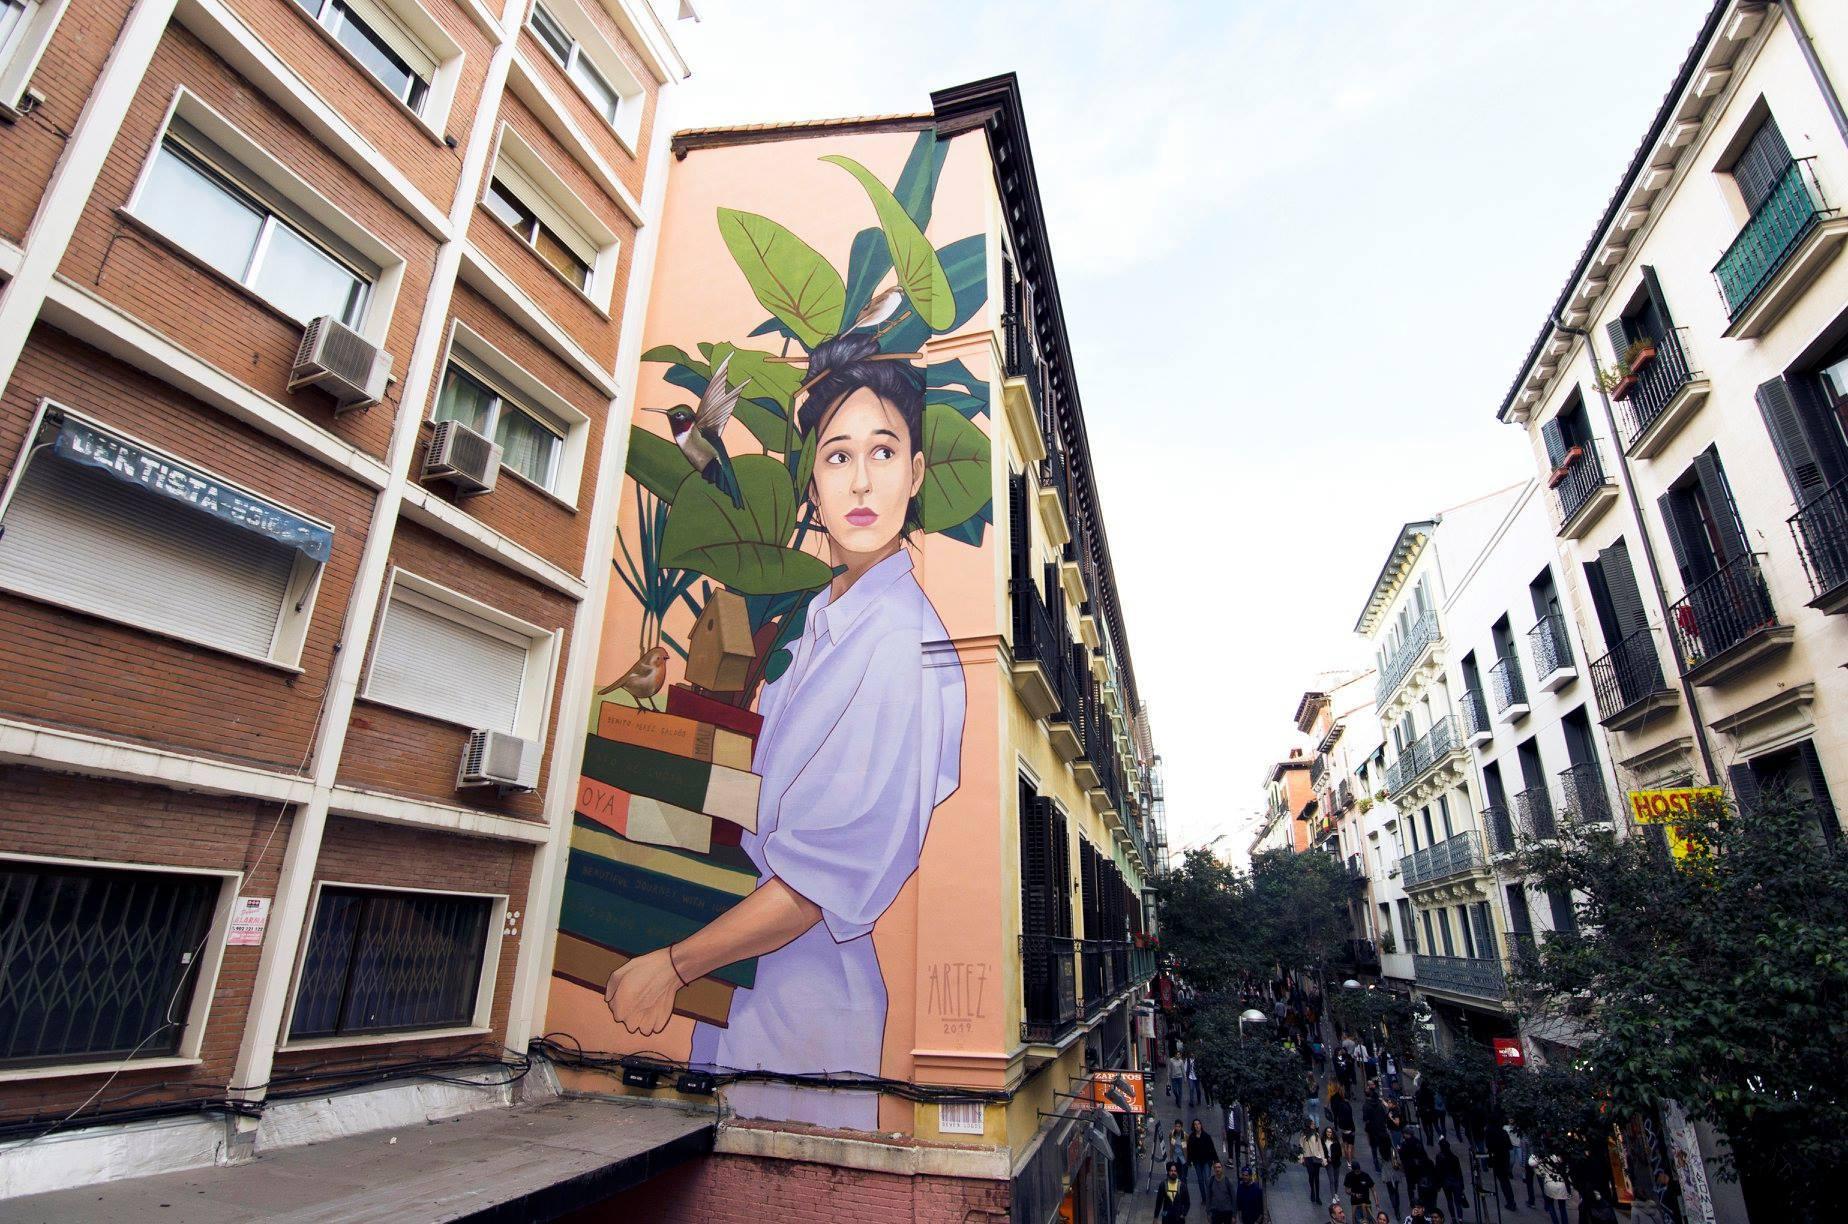 El mapa del arte urbano